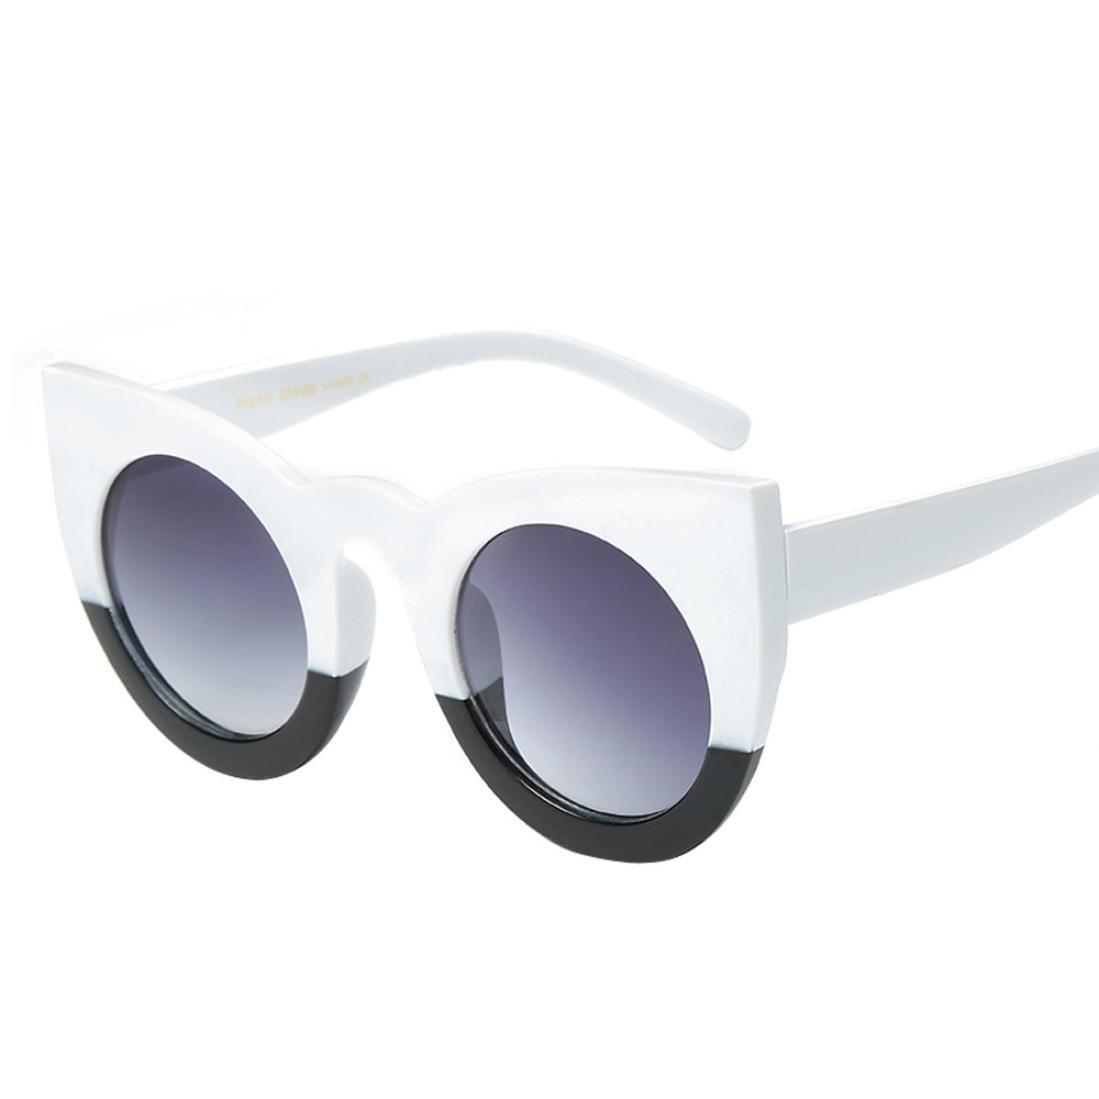 Btruely Herren_Gafas de Sol Polarizadas UV400 Gafas de Sol Polarizadas PC de Moda para Conducción Pesca Esquiar Golf Aire Libre para Mujer y Hombre ...